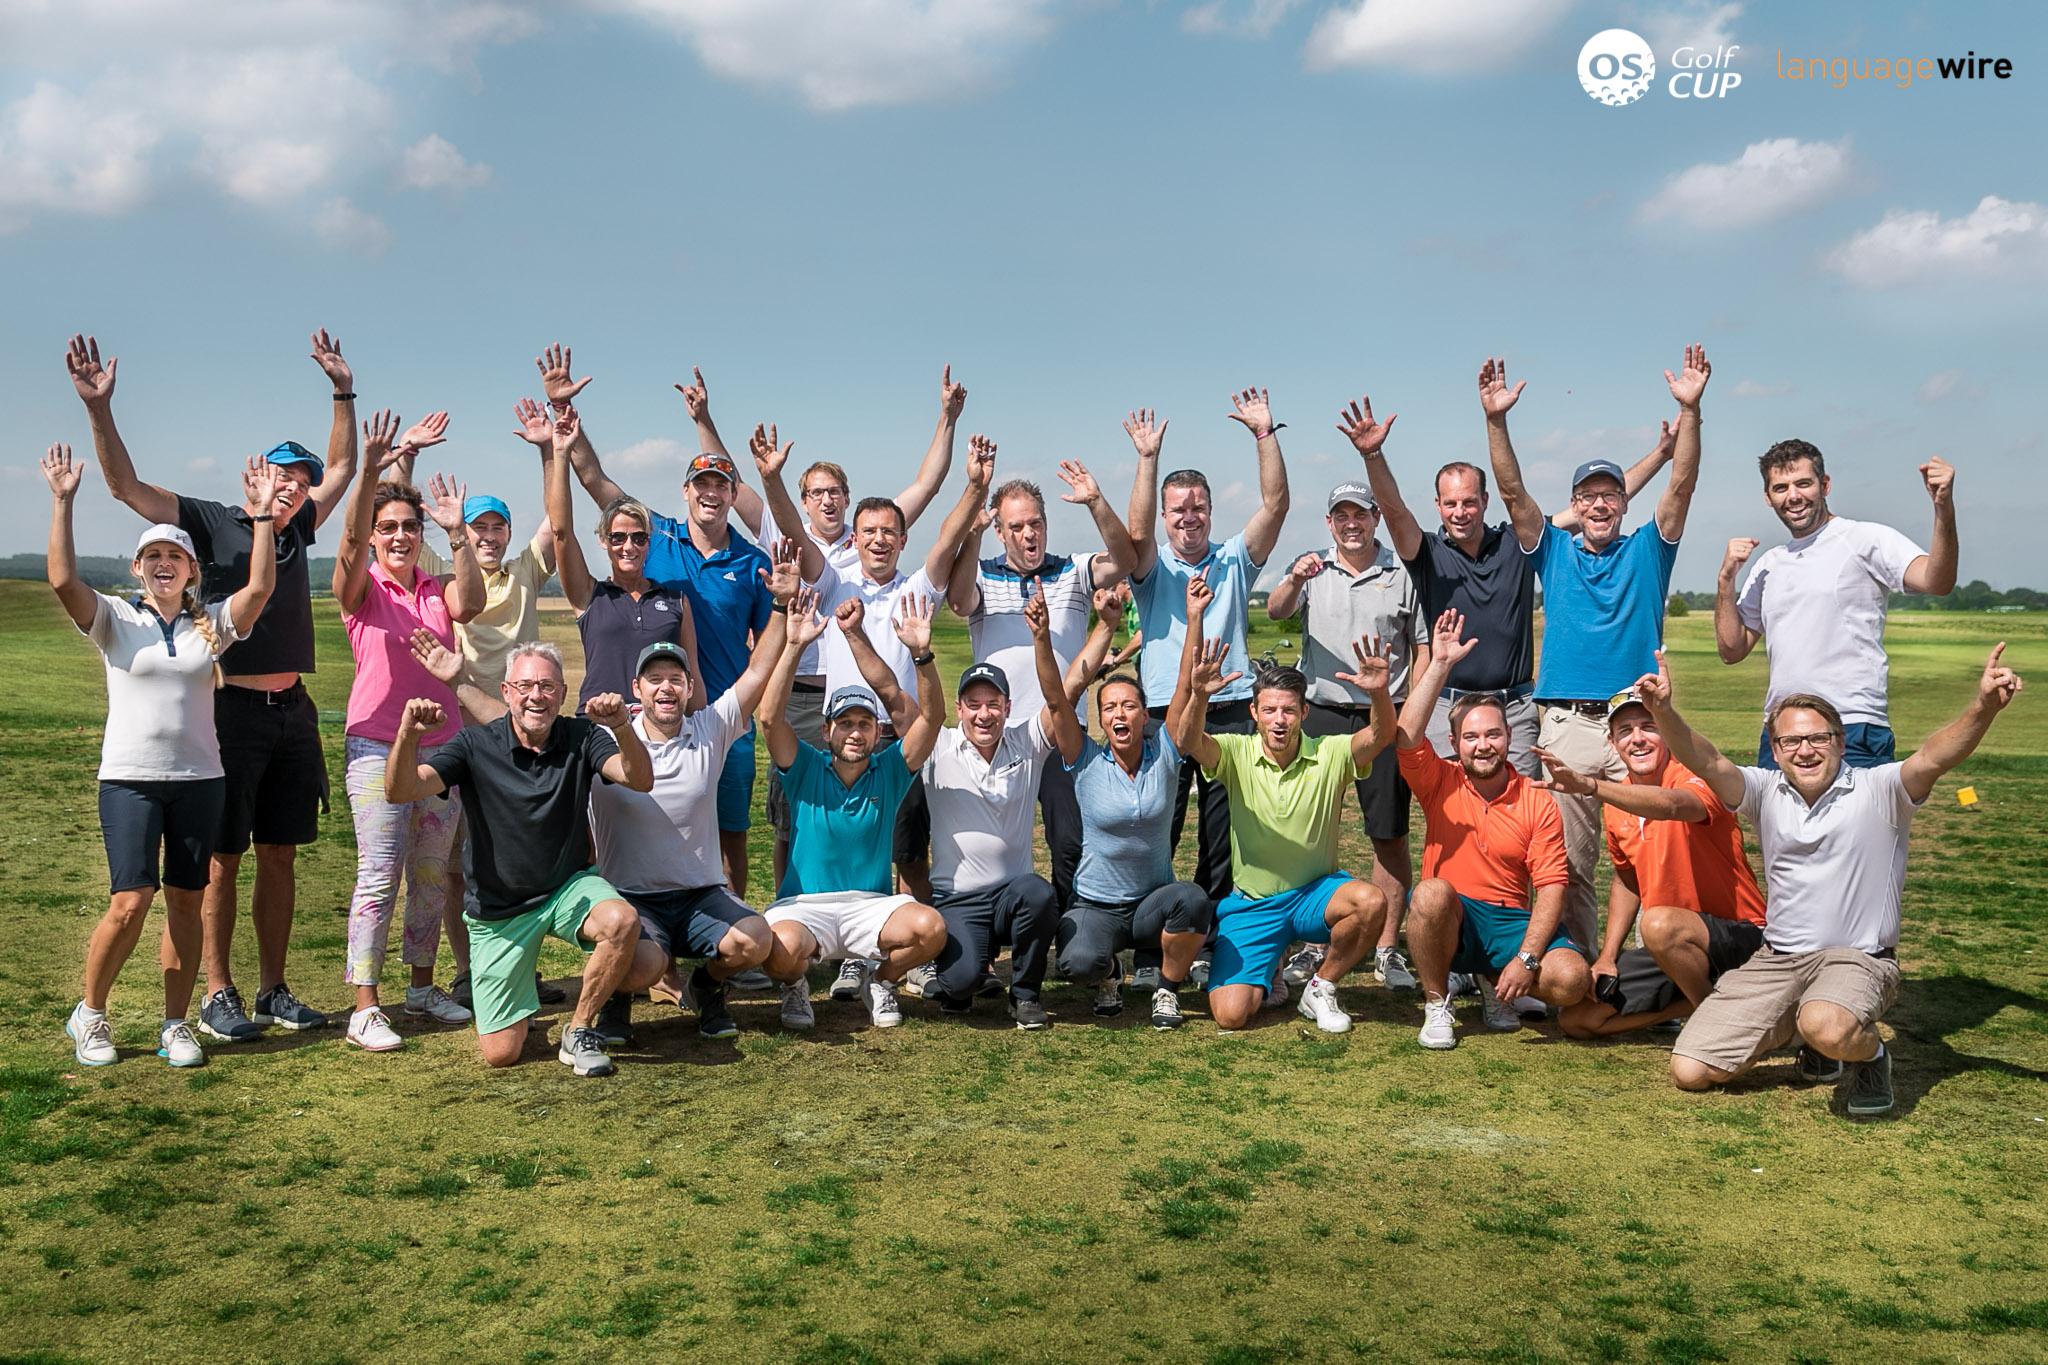 """OS.GolfCUP 2018 – das """"grünste"""" MedienNETwork auf dem blauen Planeten"""